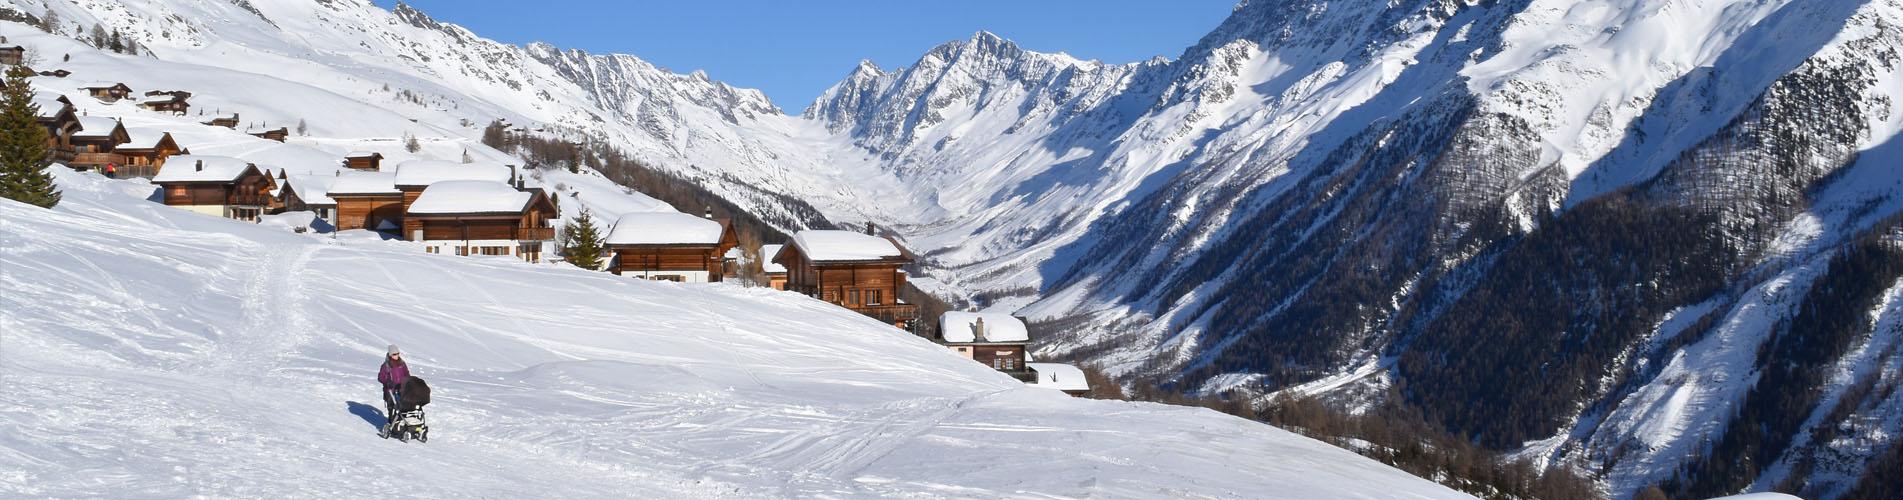 Winterwanderungen und Schneeschuhtouren im Lötschtental, Wallis